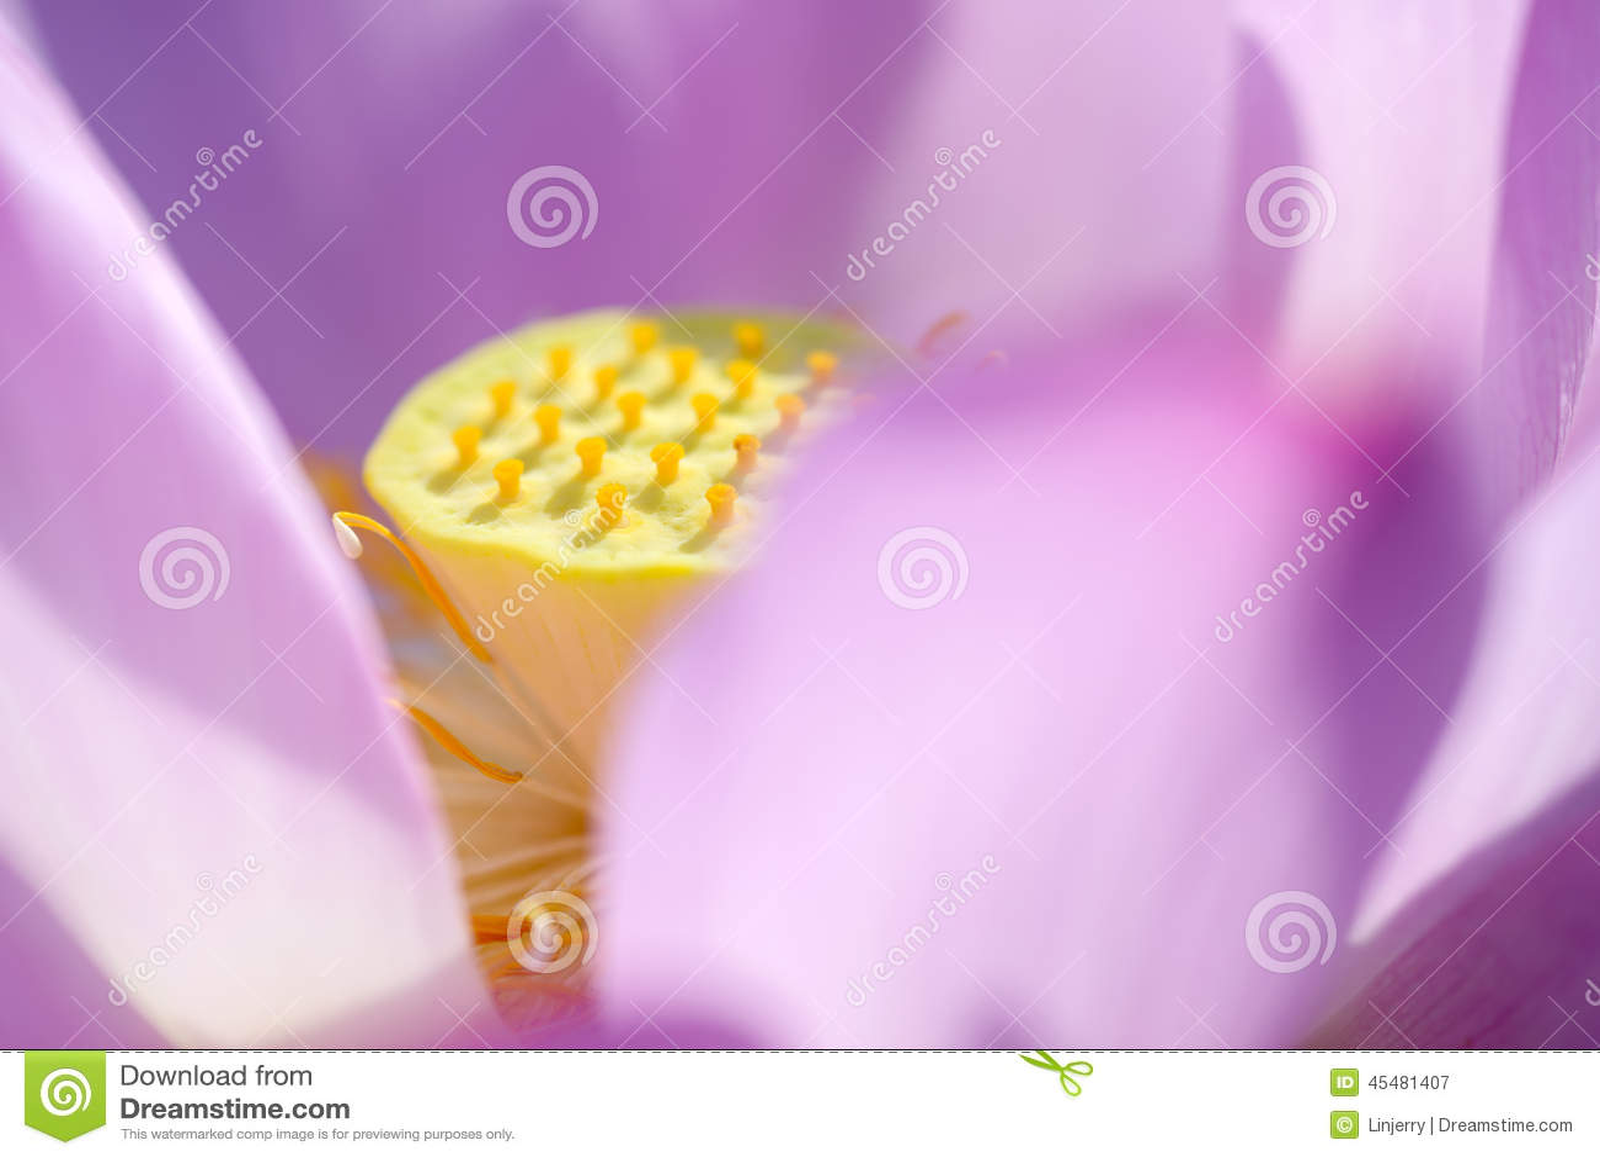 绽放莲花墙纸